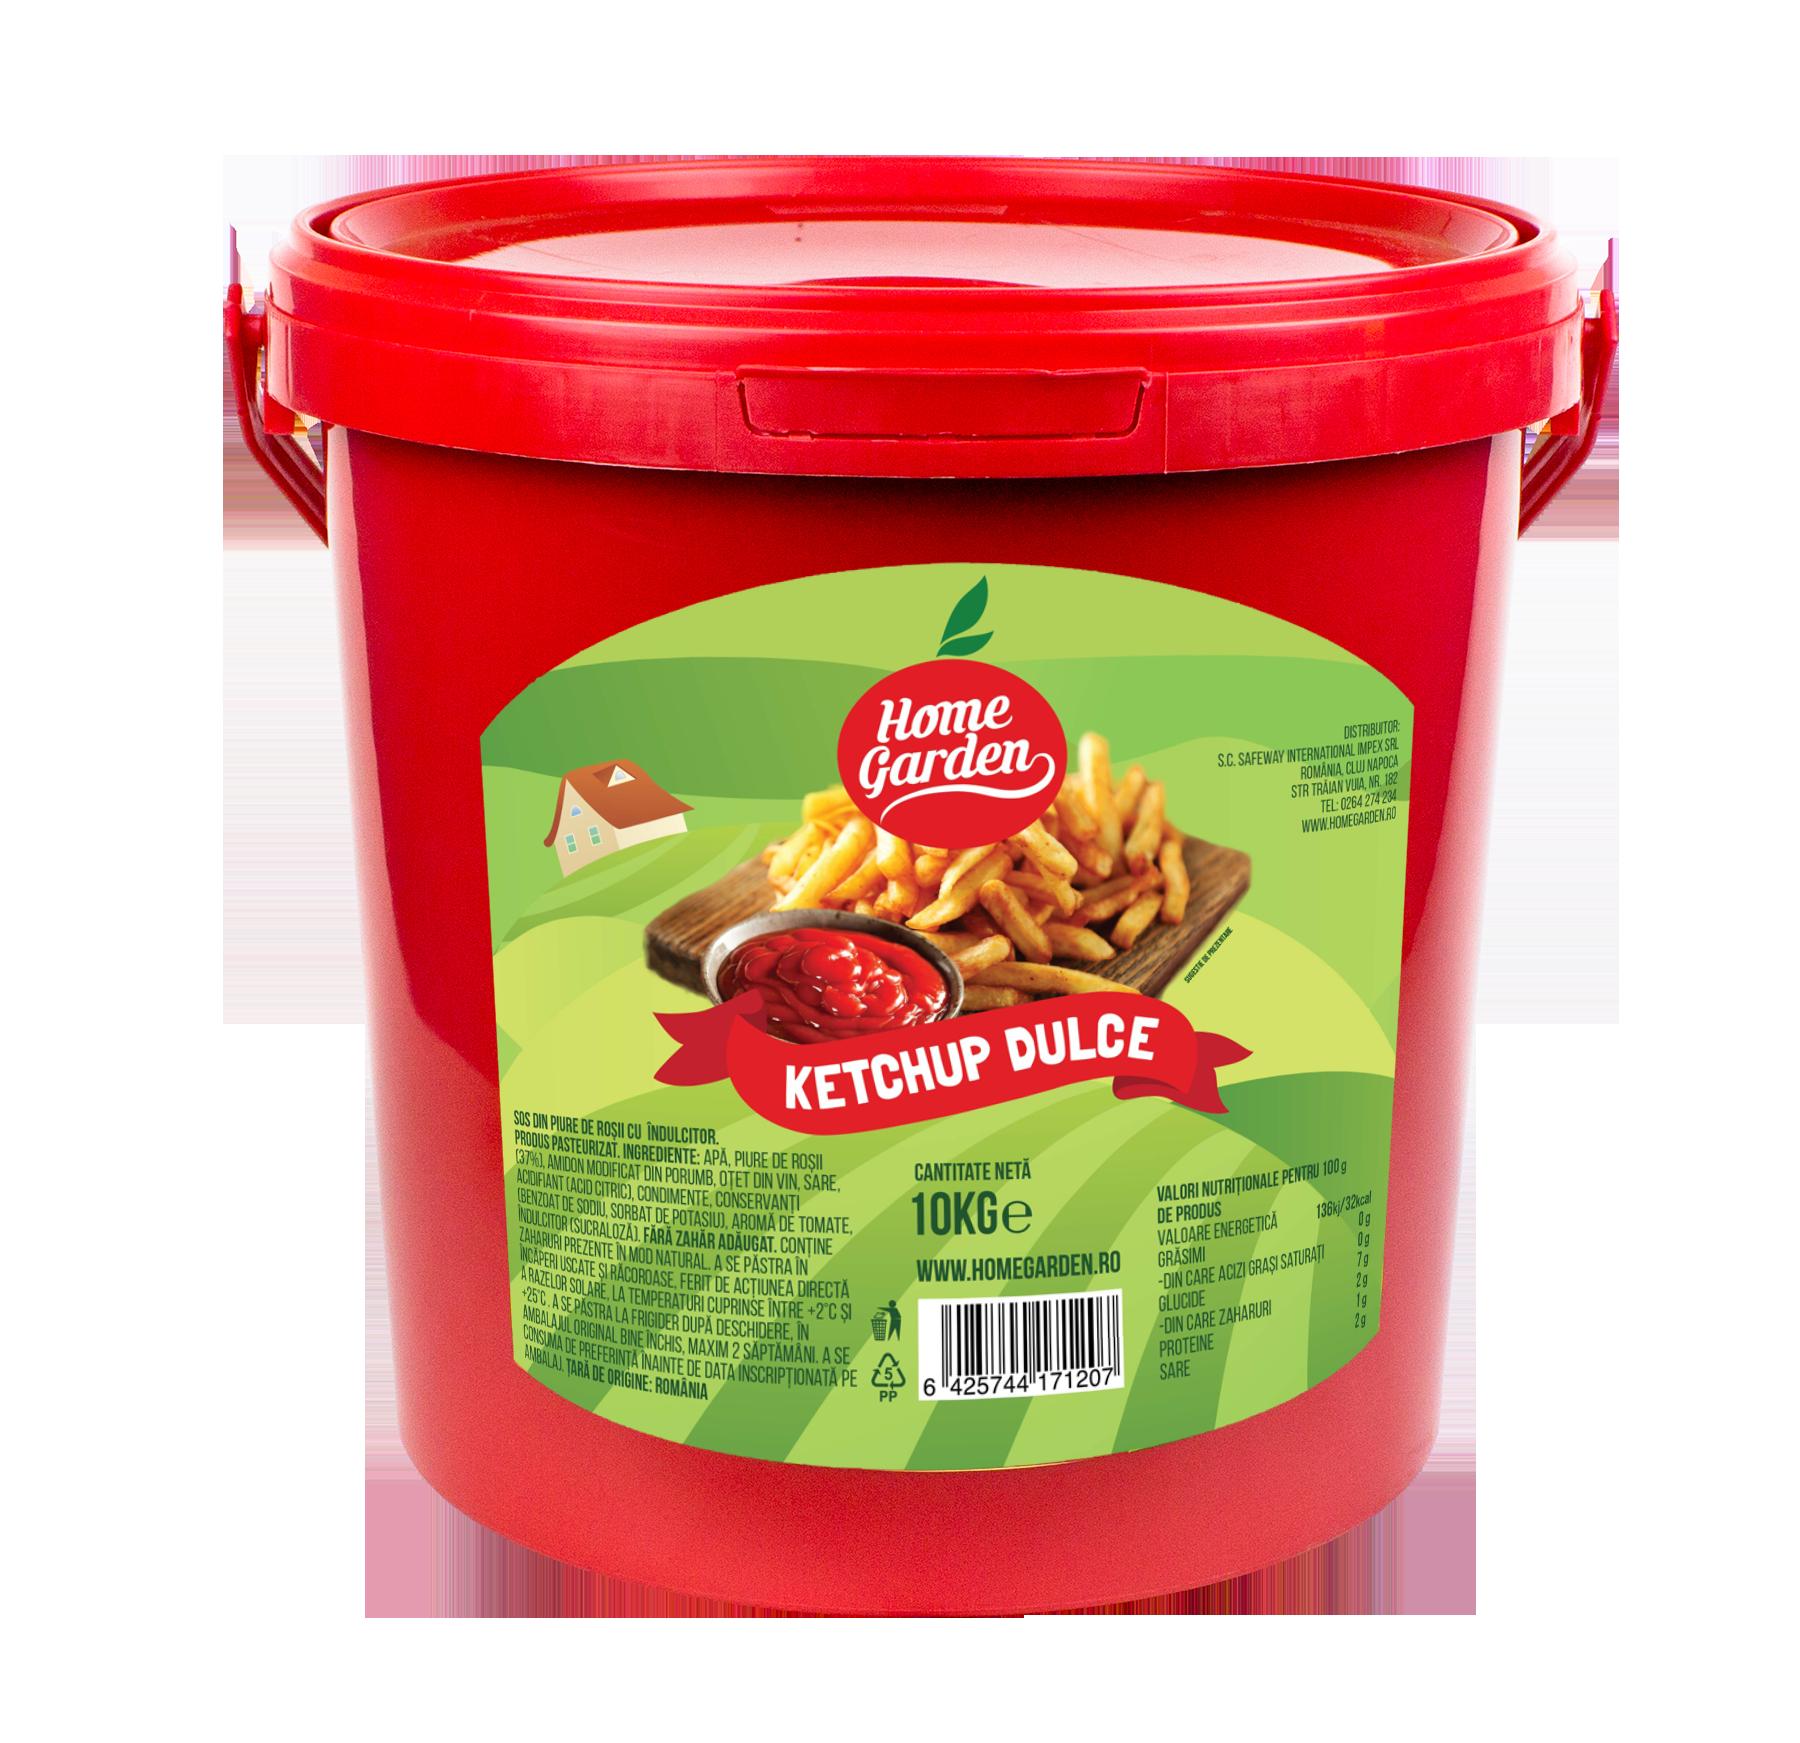 HOME GARDEN Horeca Ketchup dulce 10kg